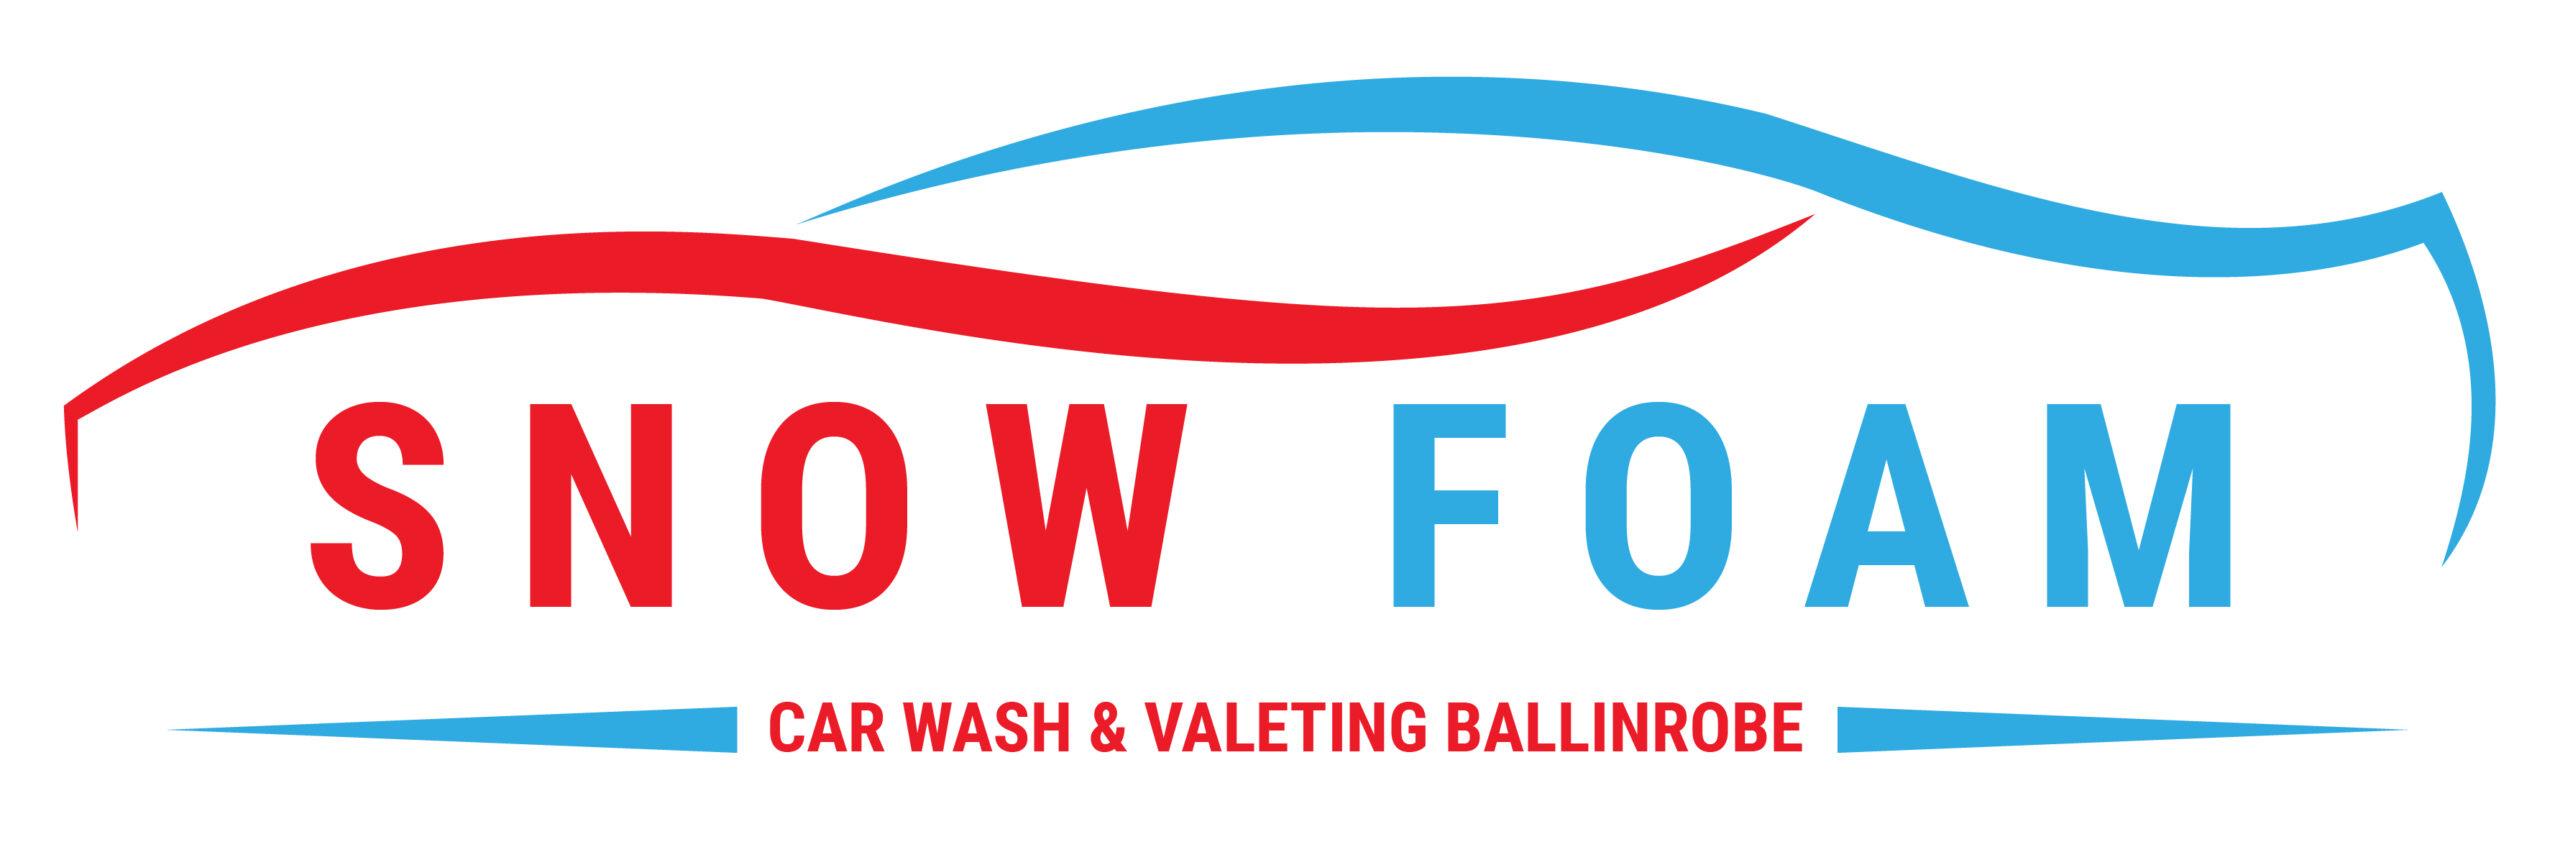 Car Wash Ballinrobe